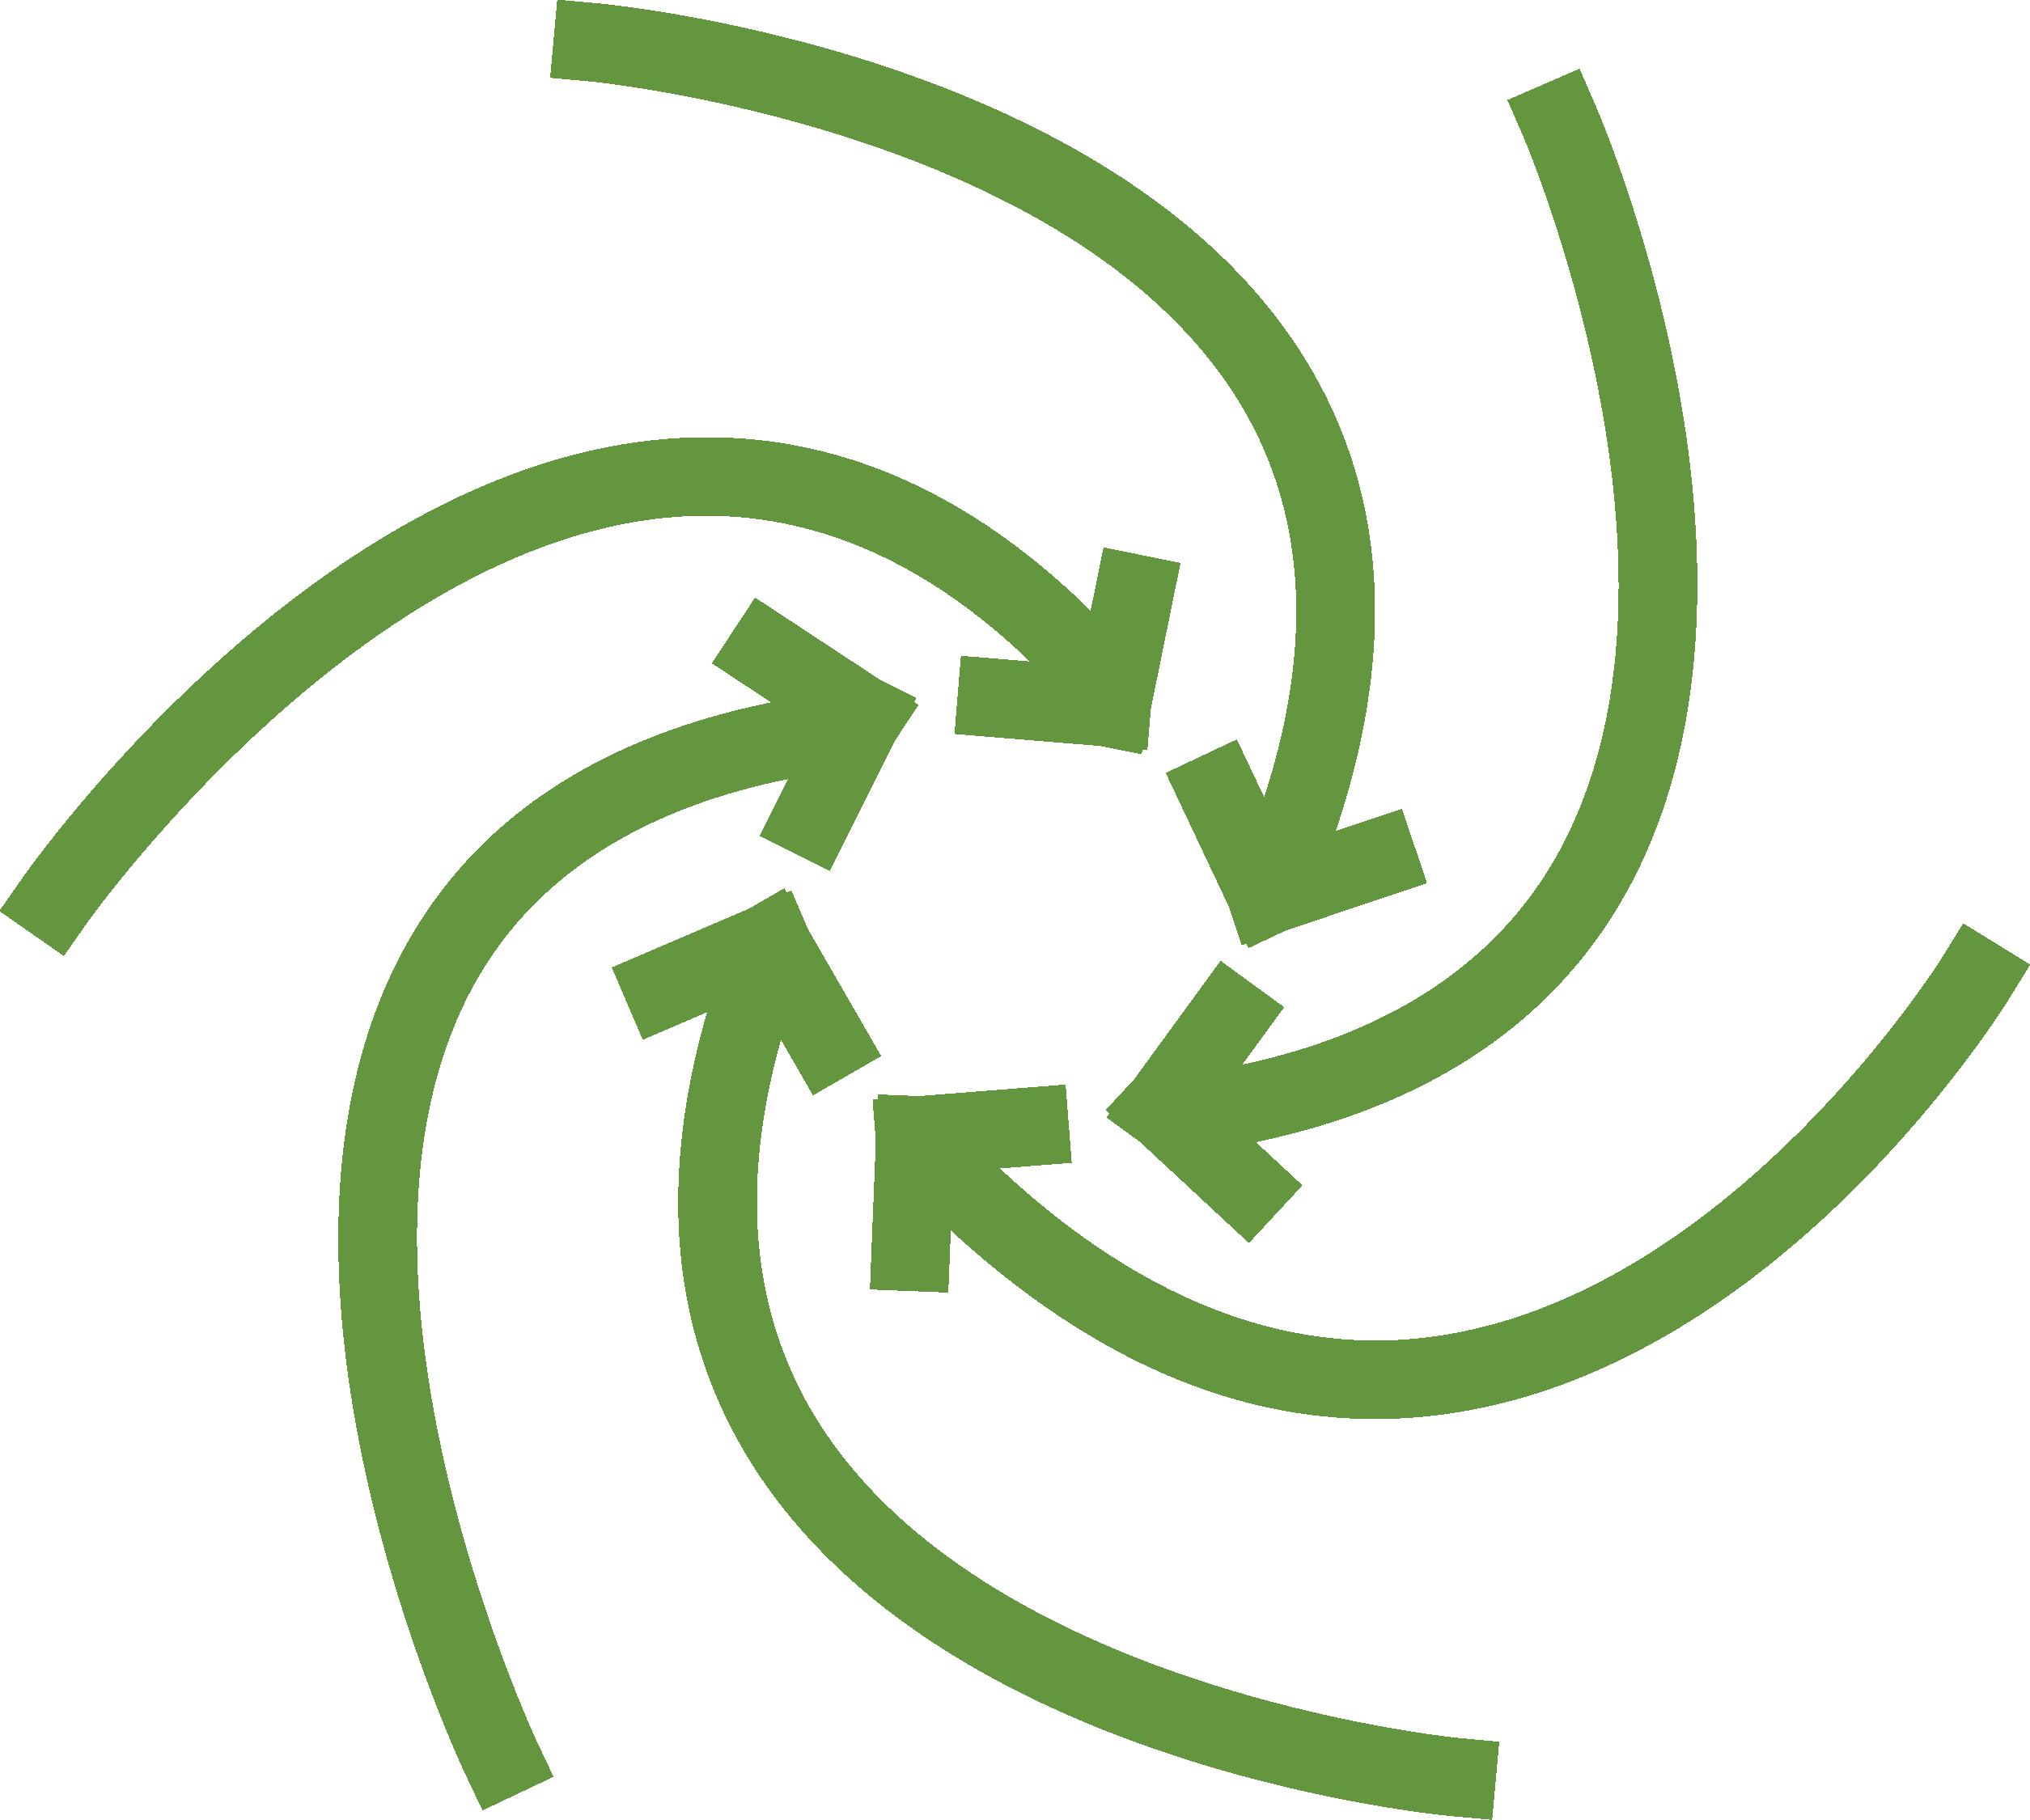 circular green arrows pointing inward